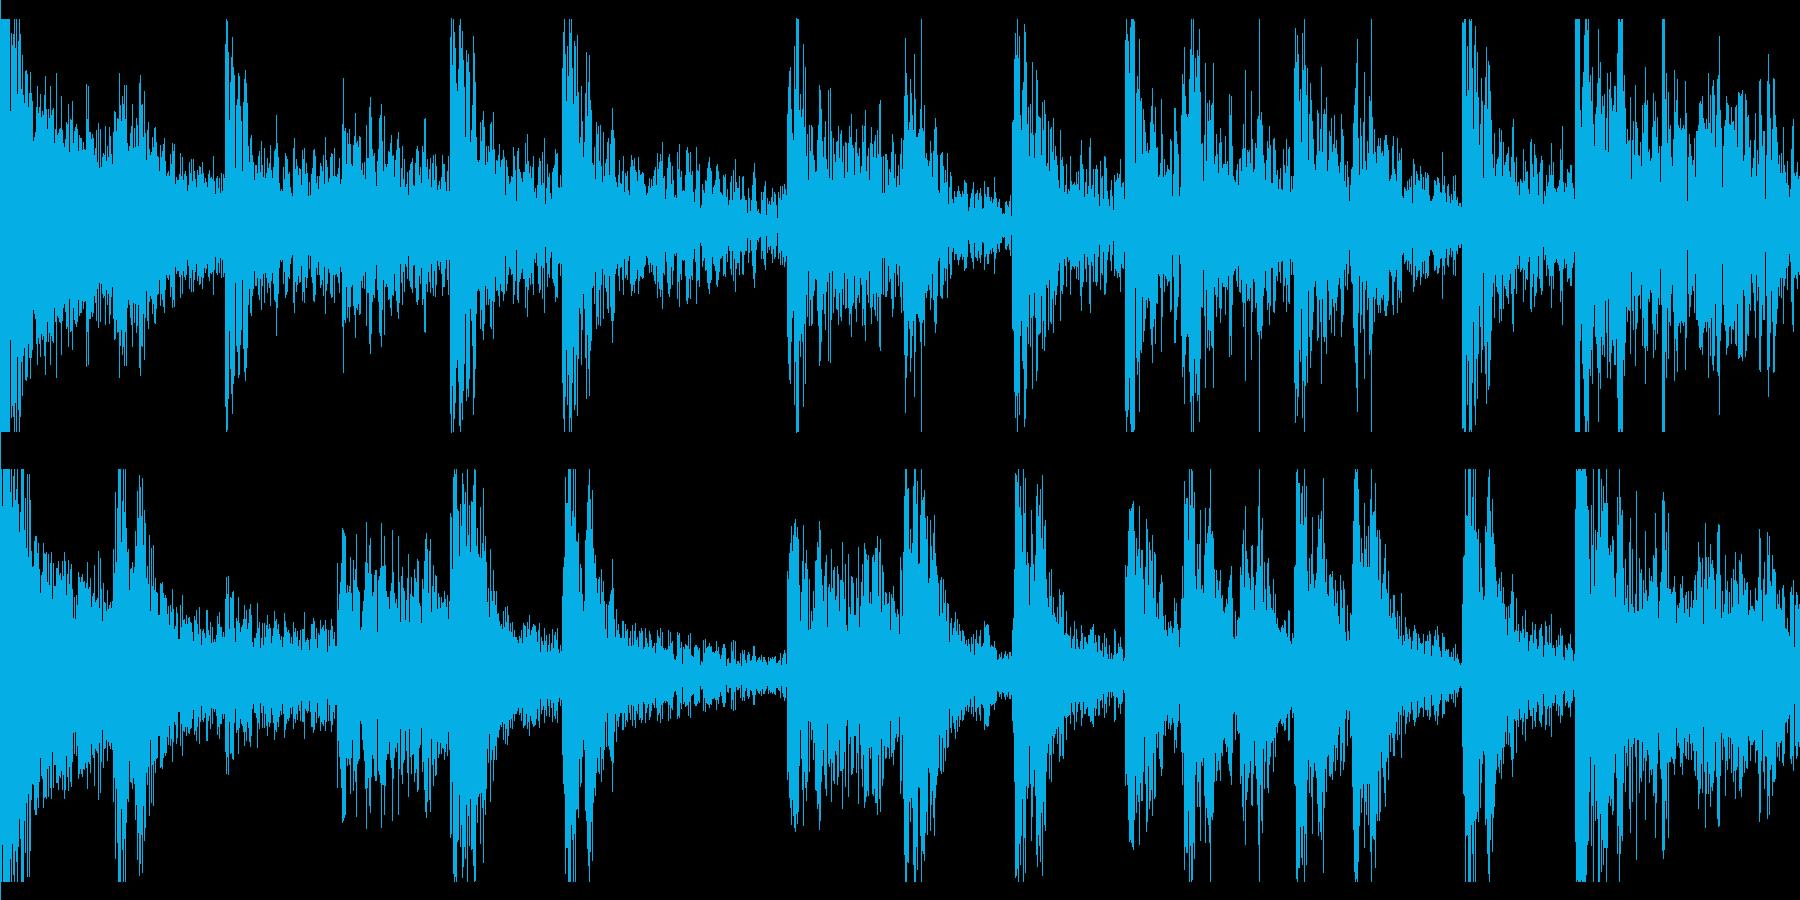 スネアとティンパニによる行進風ループ素材の再生済みの波形